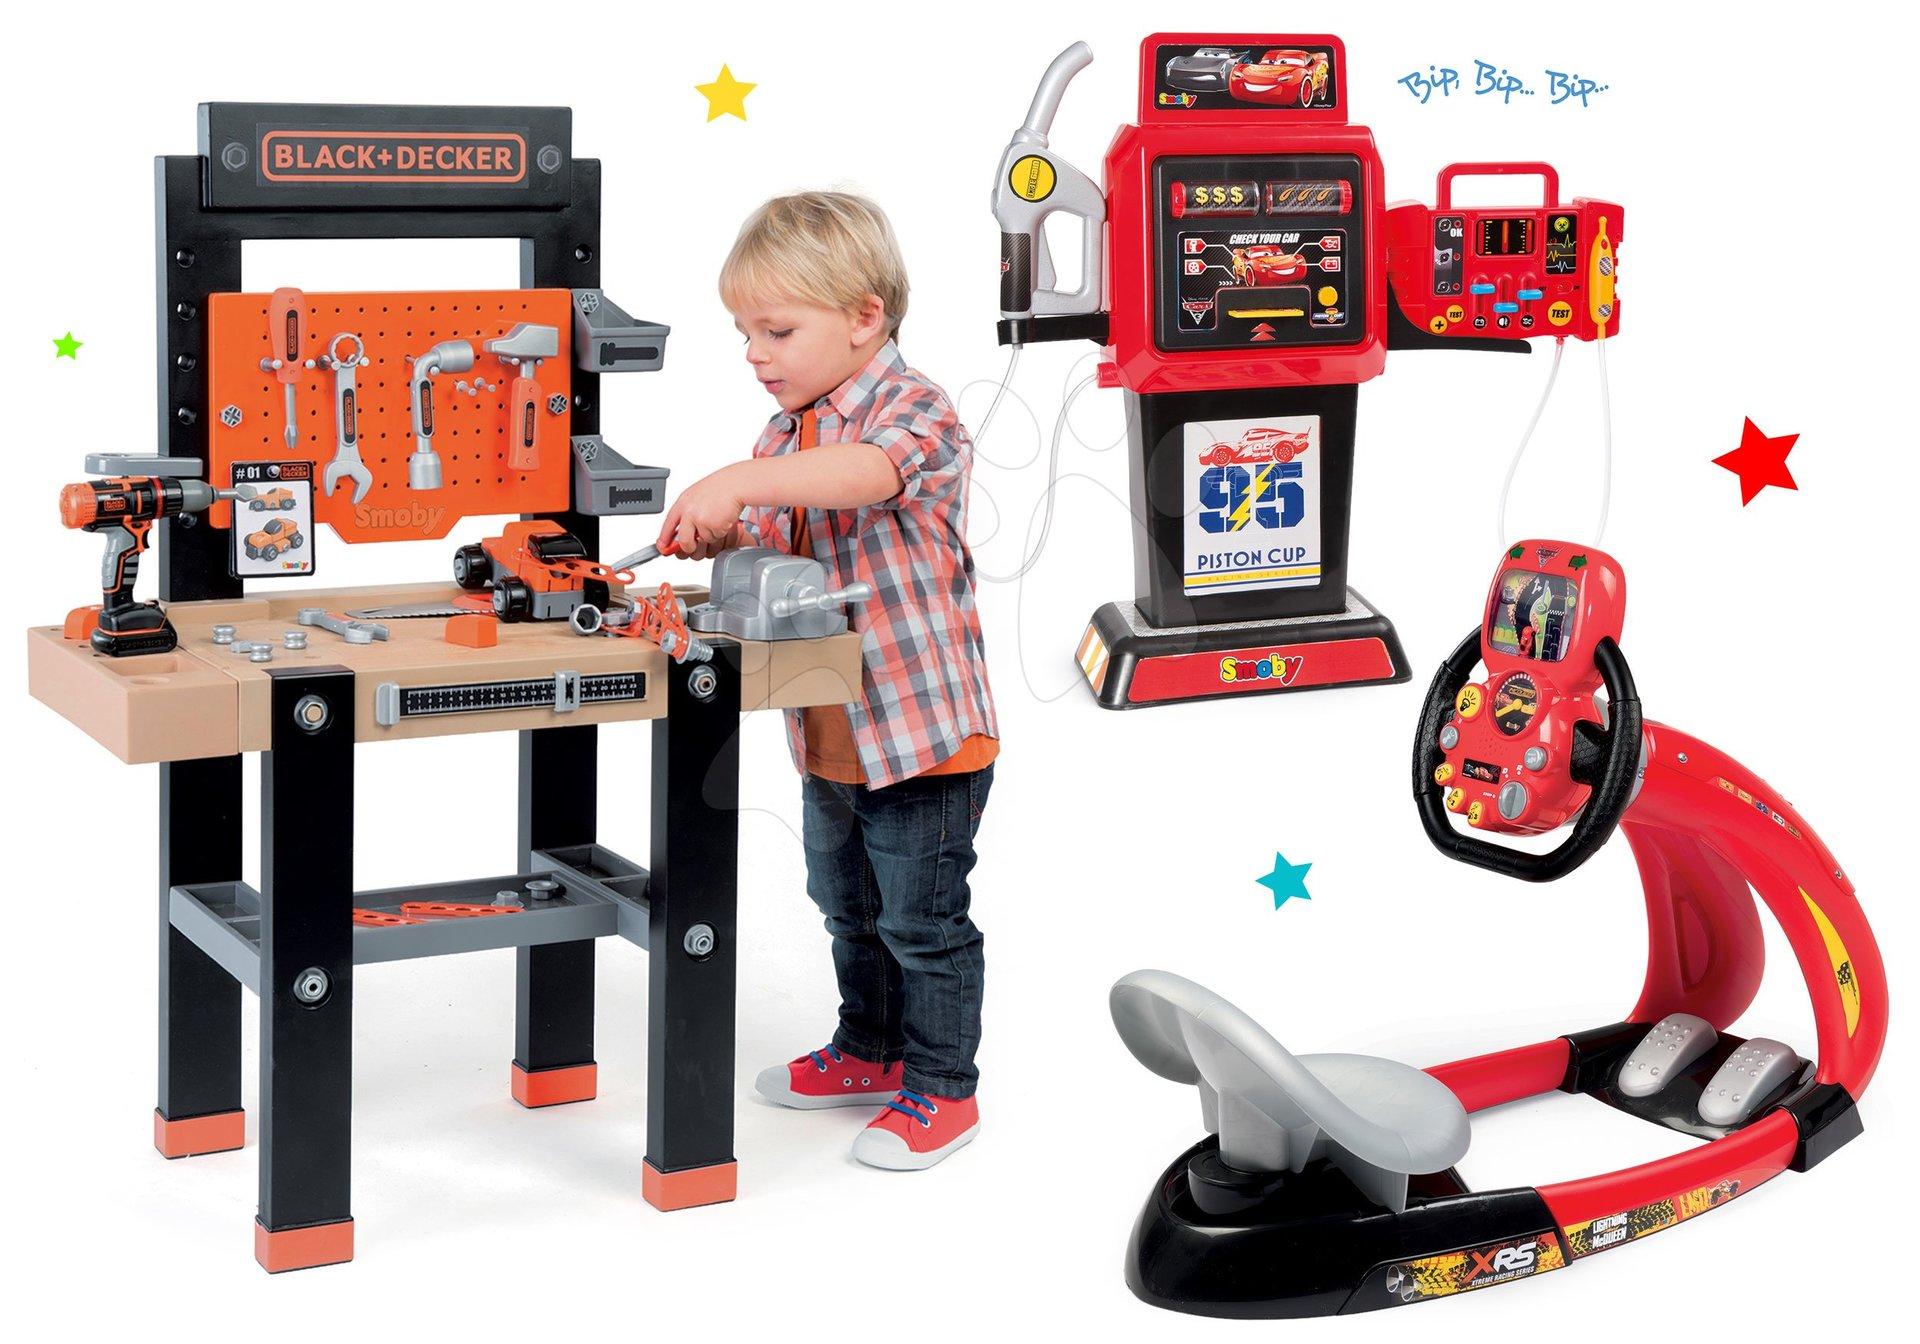 Detská dielňa sety - Set pracovná dielňa Black+Decker Smoby s vŕtačkou a elektronický trenažér Autá V8 Driver a benzínová pumpa